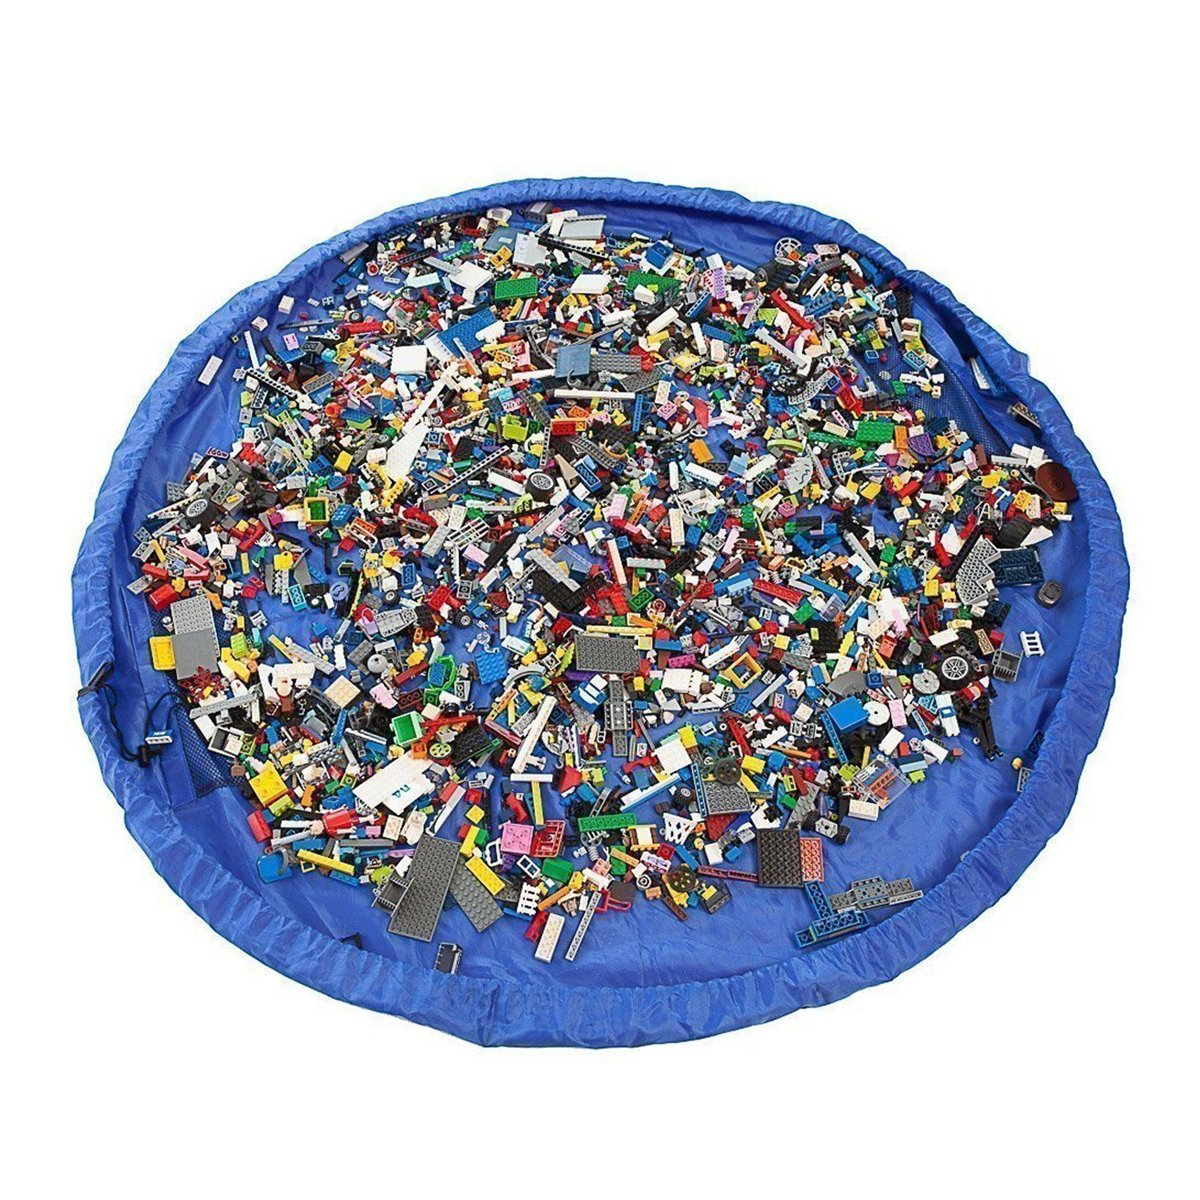 Jiele Portable Toy Storage Bag and Kids Toys organizer portaoggetti sacca Lego e altri giocattoli per bambini Fast sacchetto di stoccaggio giocattoli borse spiaggia zerbino tappeto da gioco (100CM, blu) Meichin